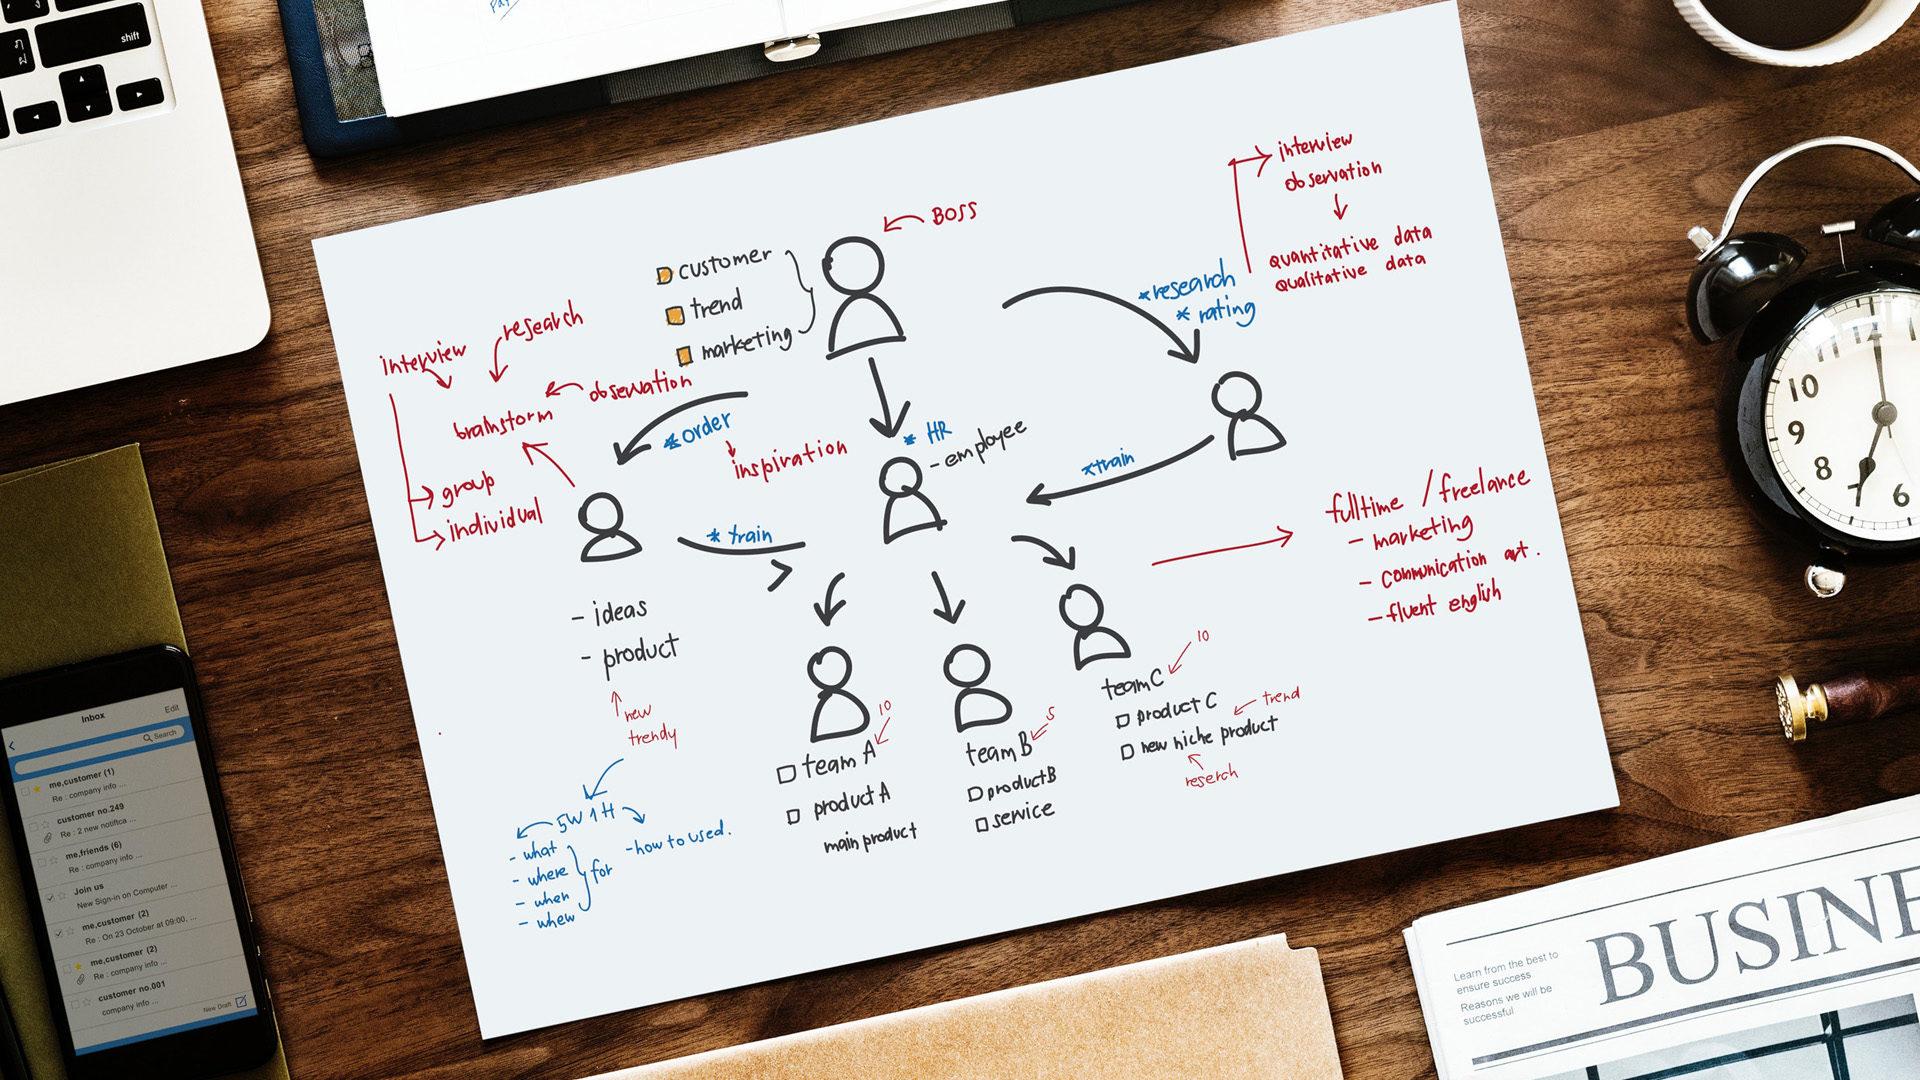 Digitalisierung, Unternehmen. Führungskraft, Leadership